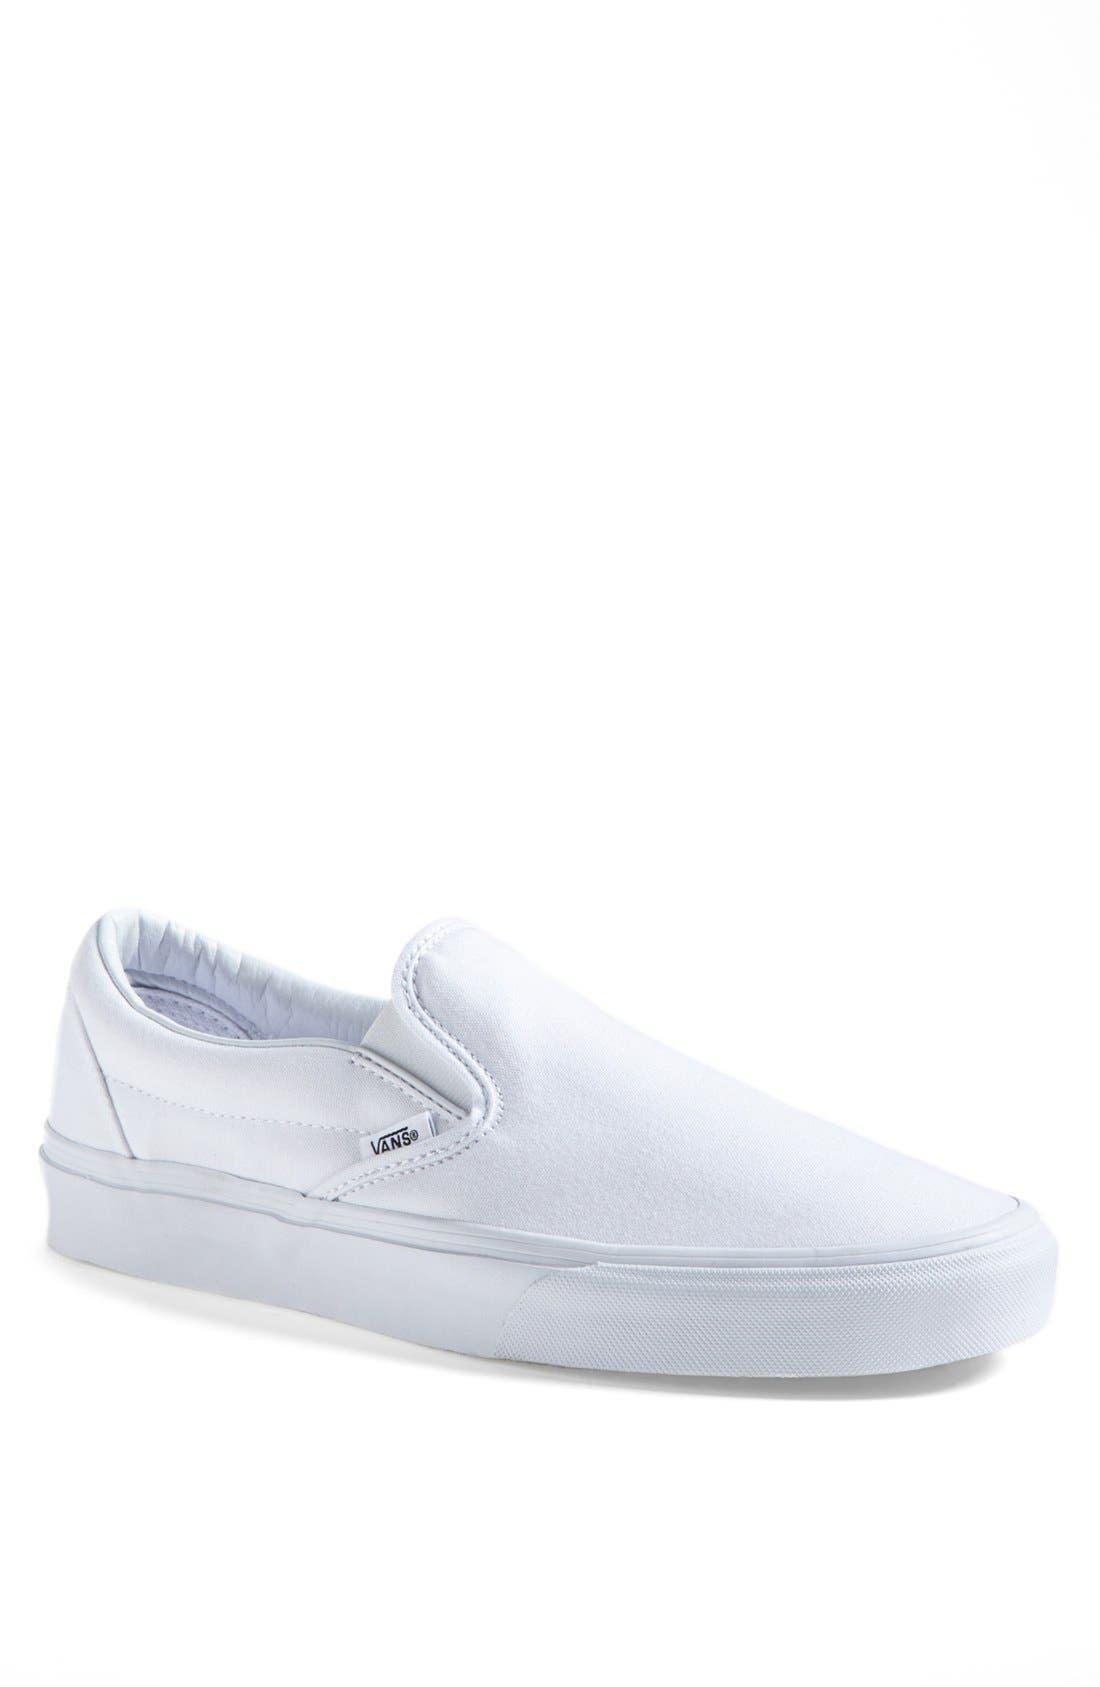 Men's ShoesNordstrom SneakersAthleticamp; Running Men's SneakersAthleticamp; Running Men's ShoesNordstrom ShoesNordstrom Running SneakersAthleticamp; Men's iwPXZulOTk